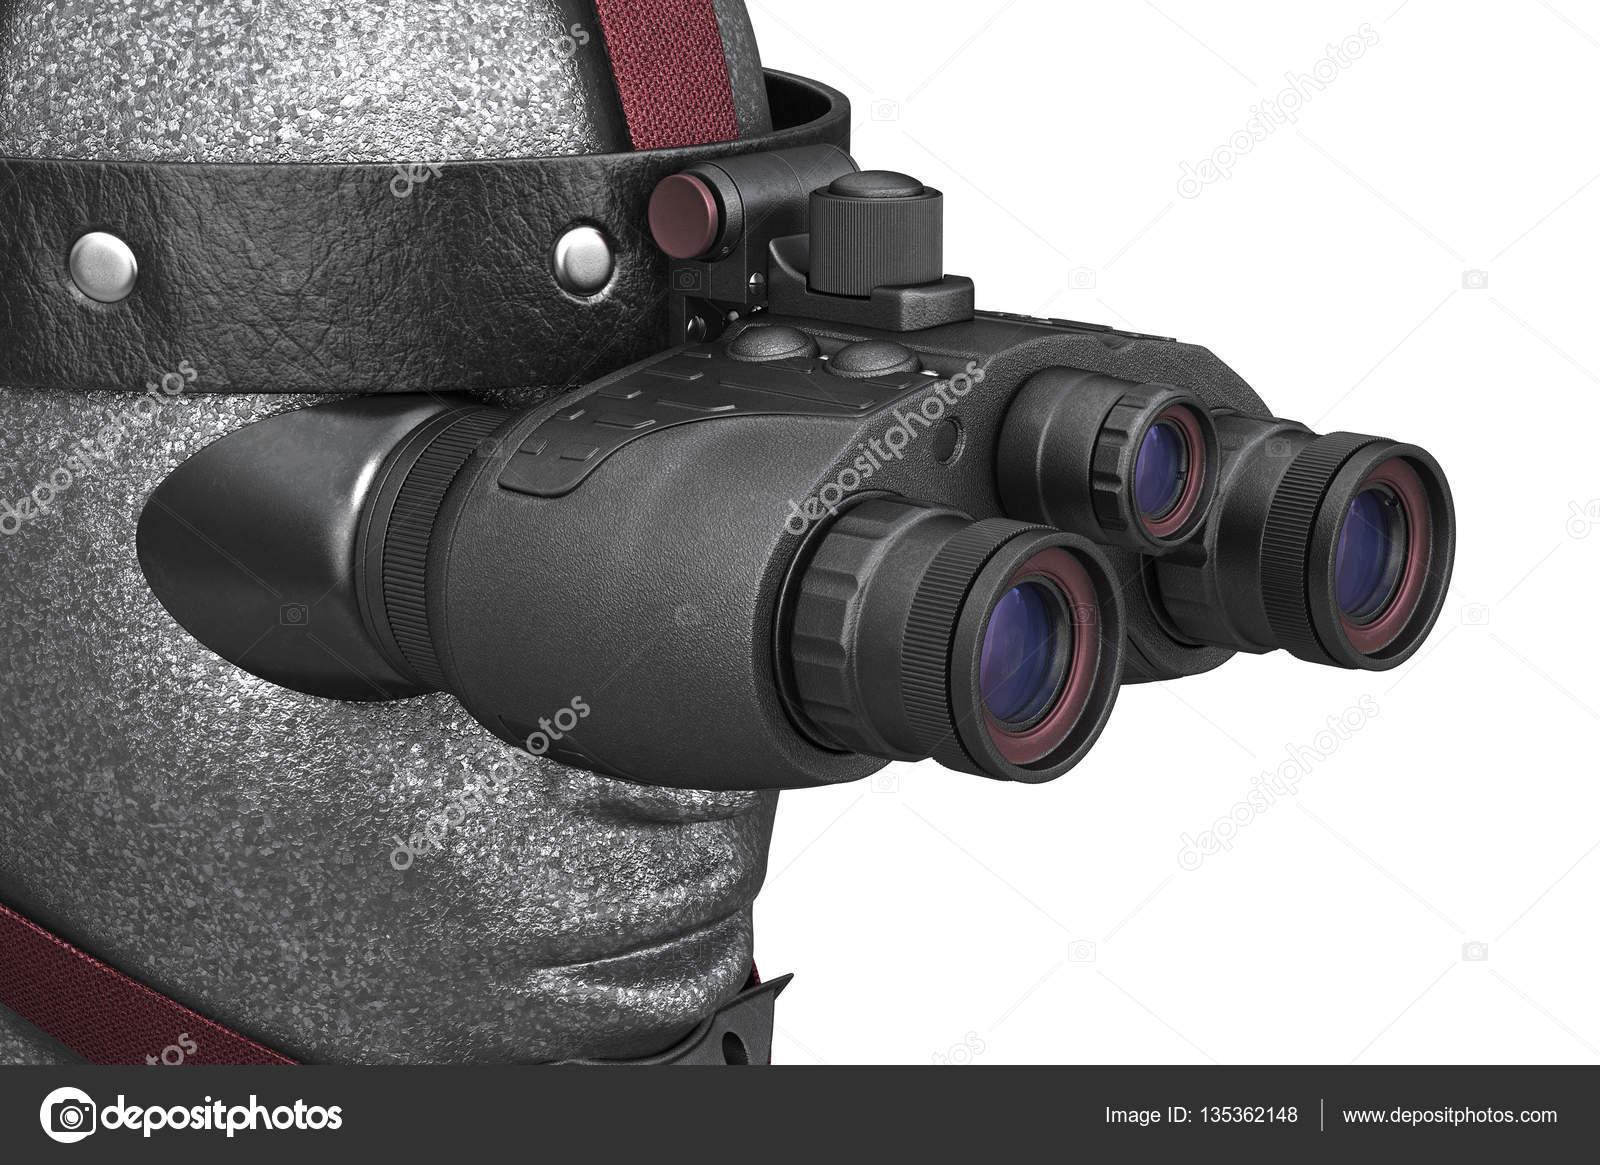 Militärische nachtsichtgerät nahaufnahme u2014 stockfoto © artyustudio